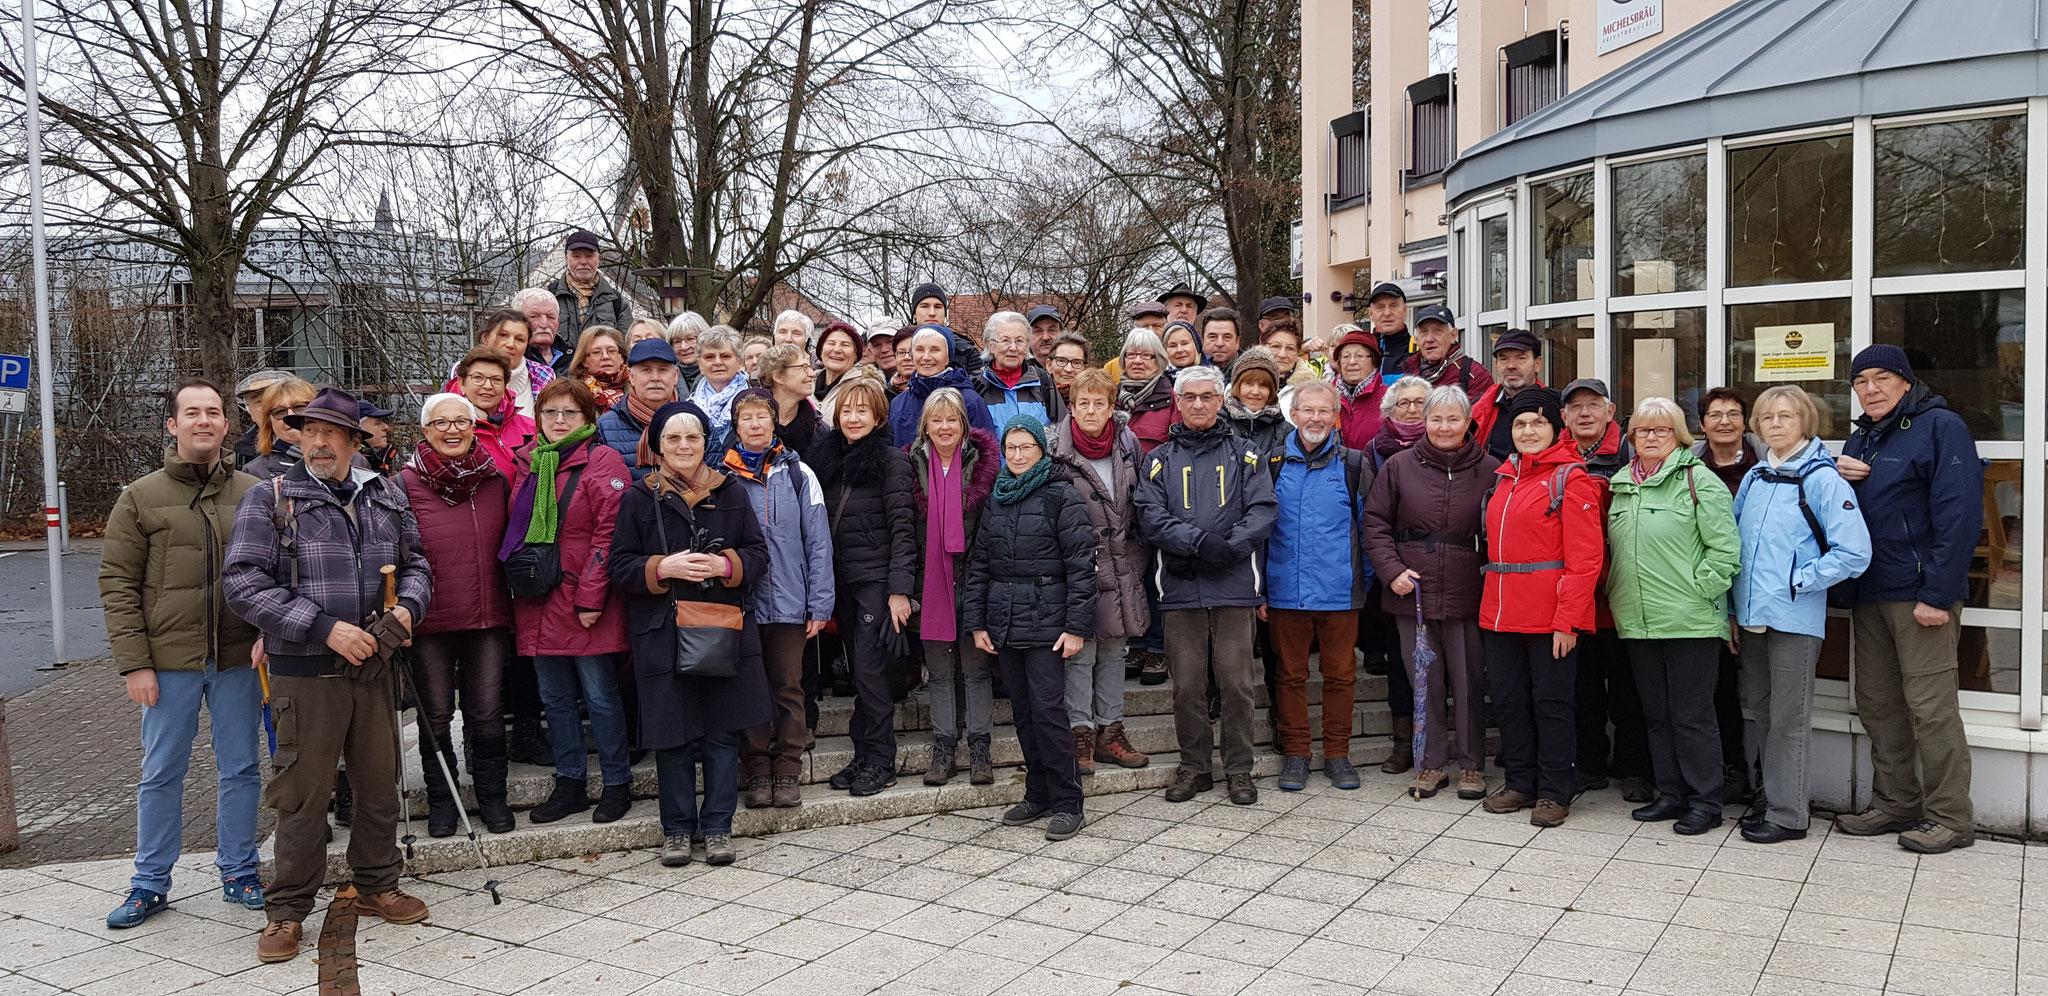 Gruppenbild vor der Stadthalle